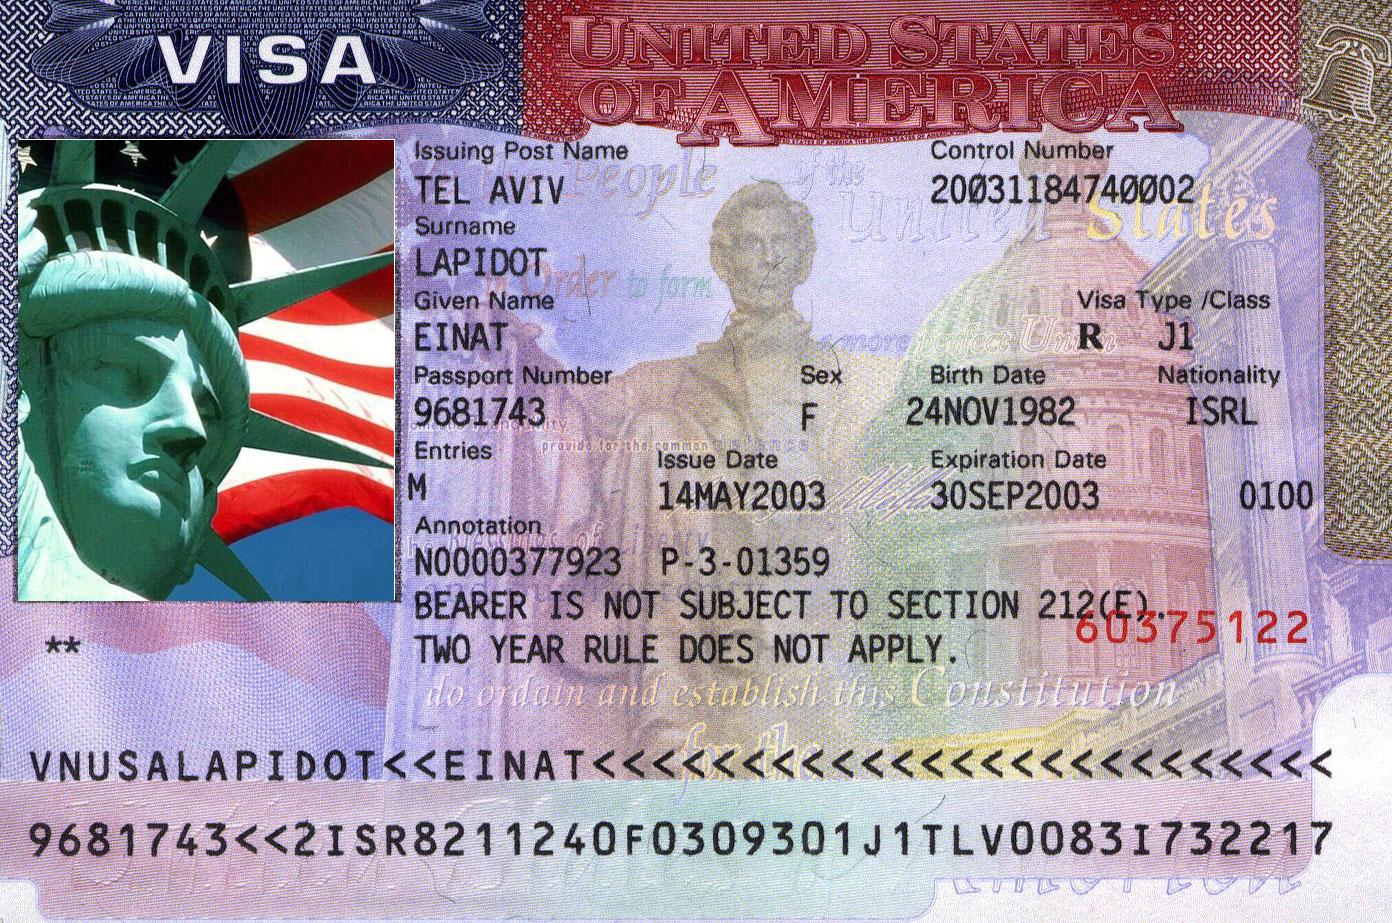 Получить визу США, когда нет шансов